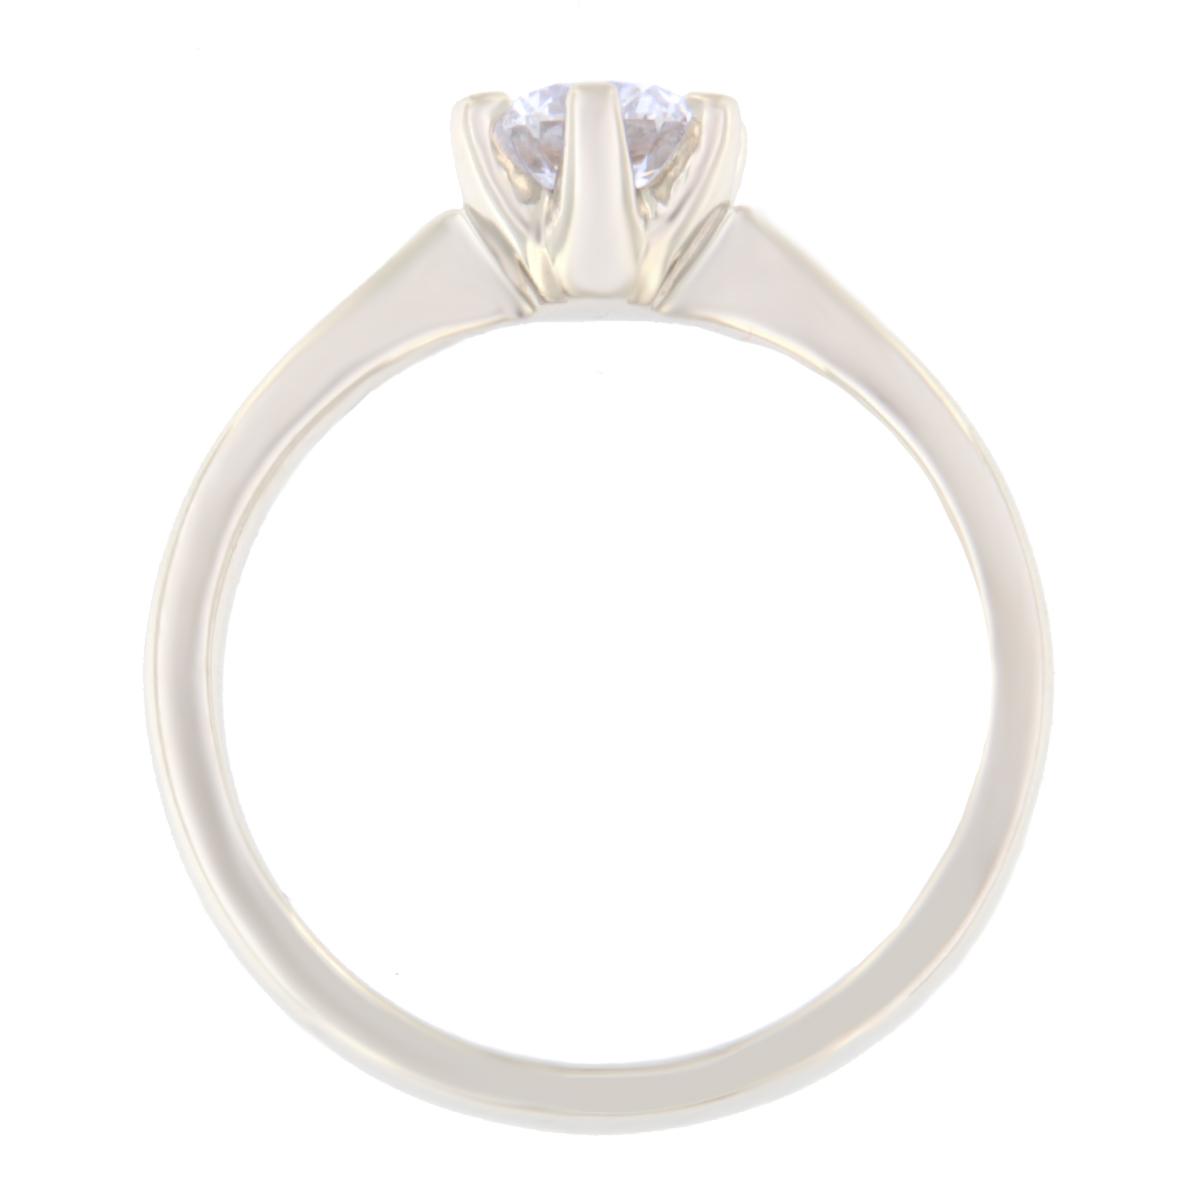 Kullast sõrmus teemantiga 0,55 ct. Kood: 20ae